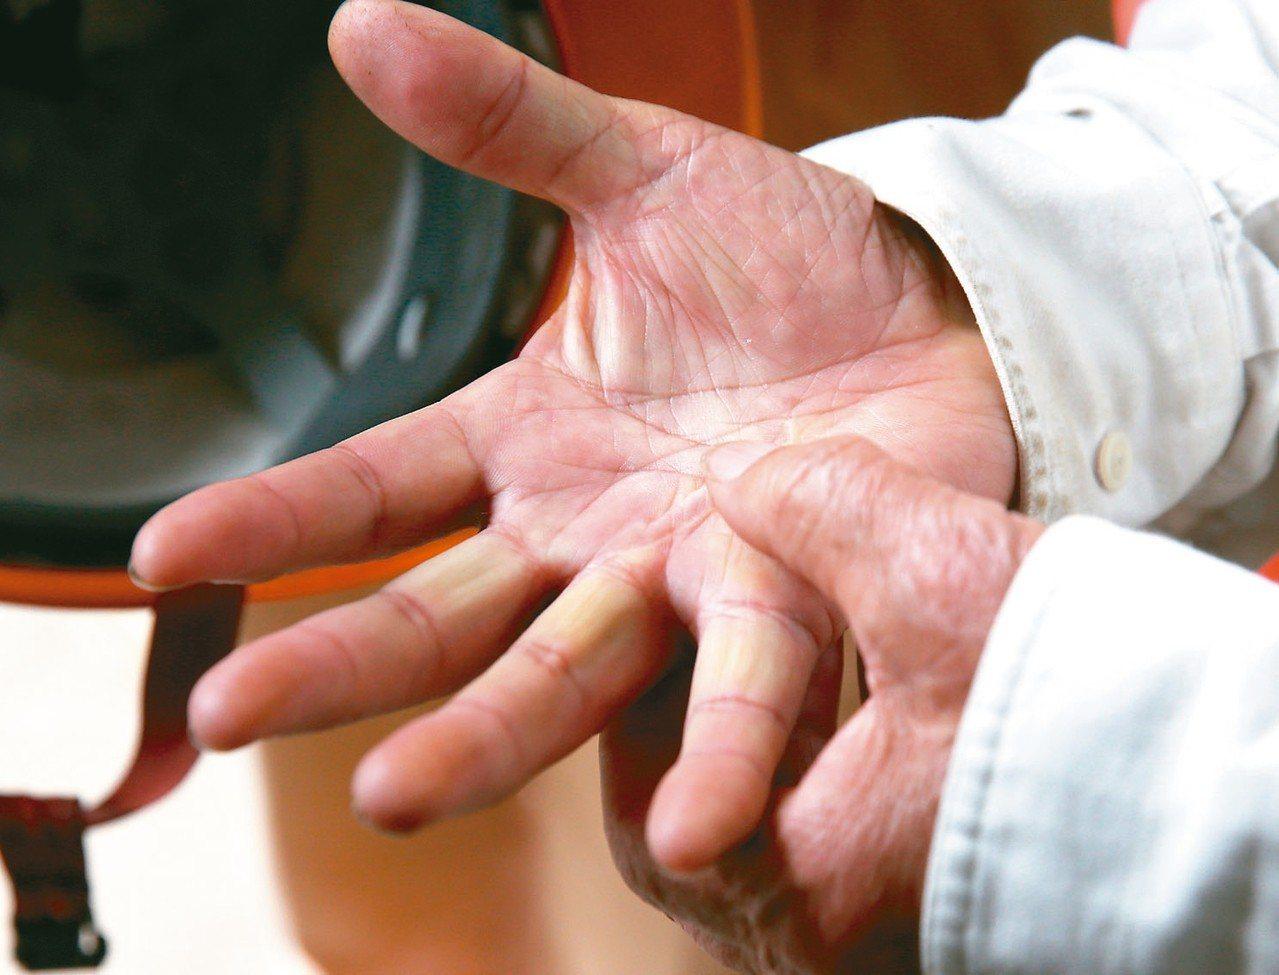 日本石雕家和泉正敏的手沒有想像中粗糙,但仍然可見清楚的傷疤。 記者林澔一/攝影